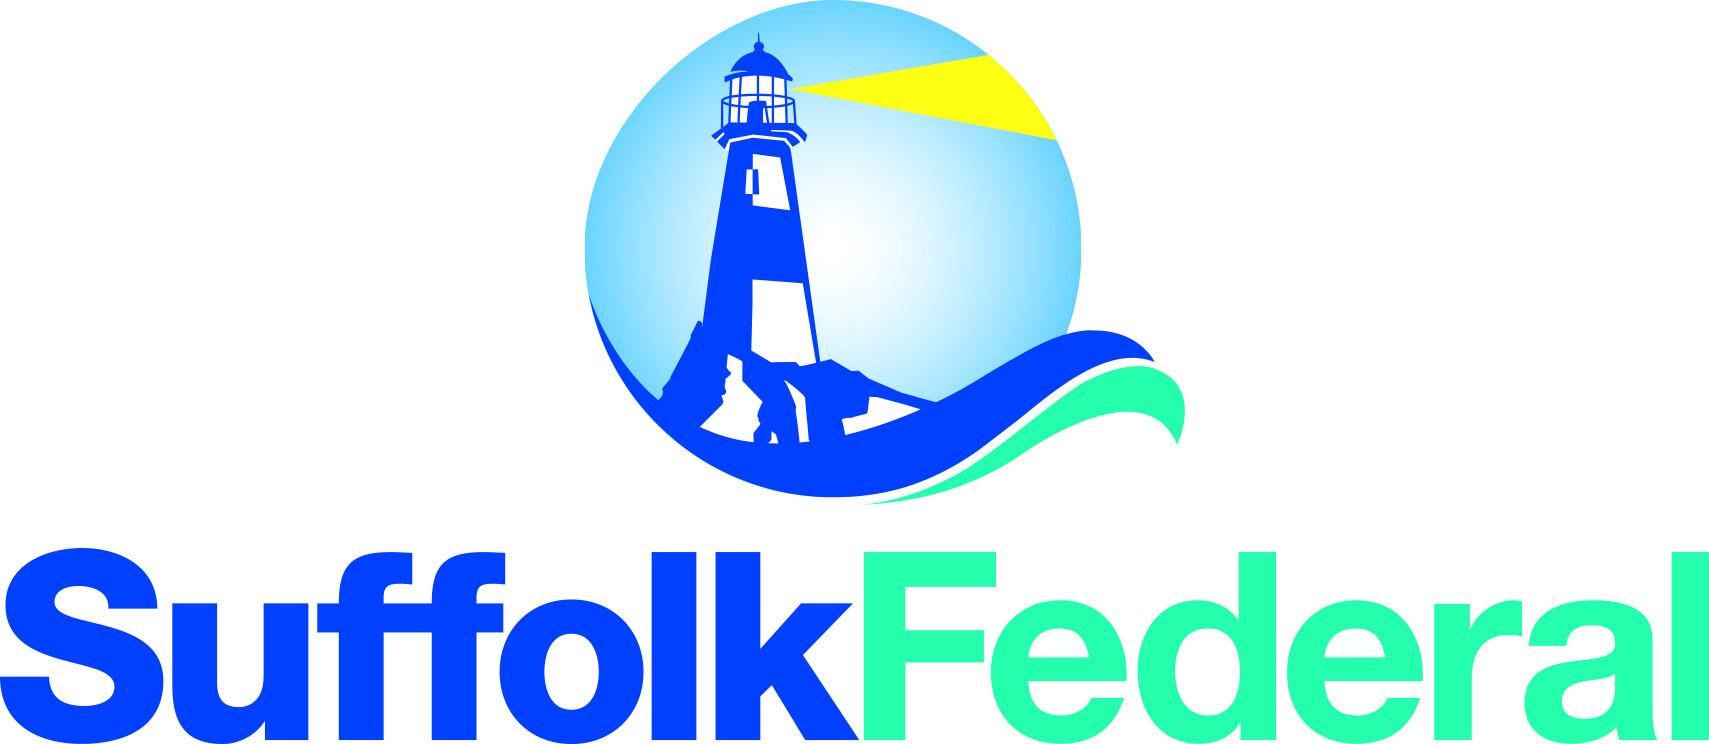 SuffolkFederal_VertLogo_4Color.jpg